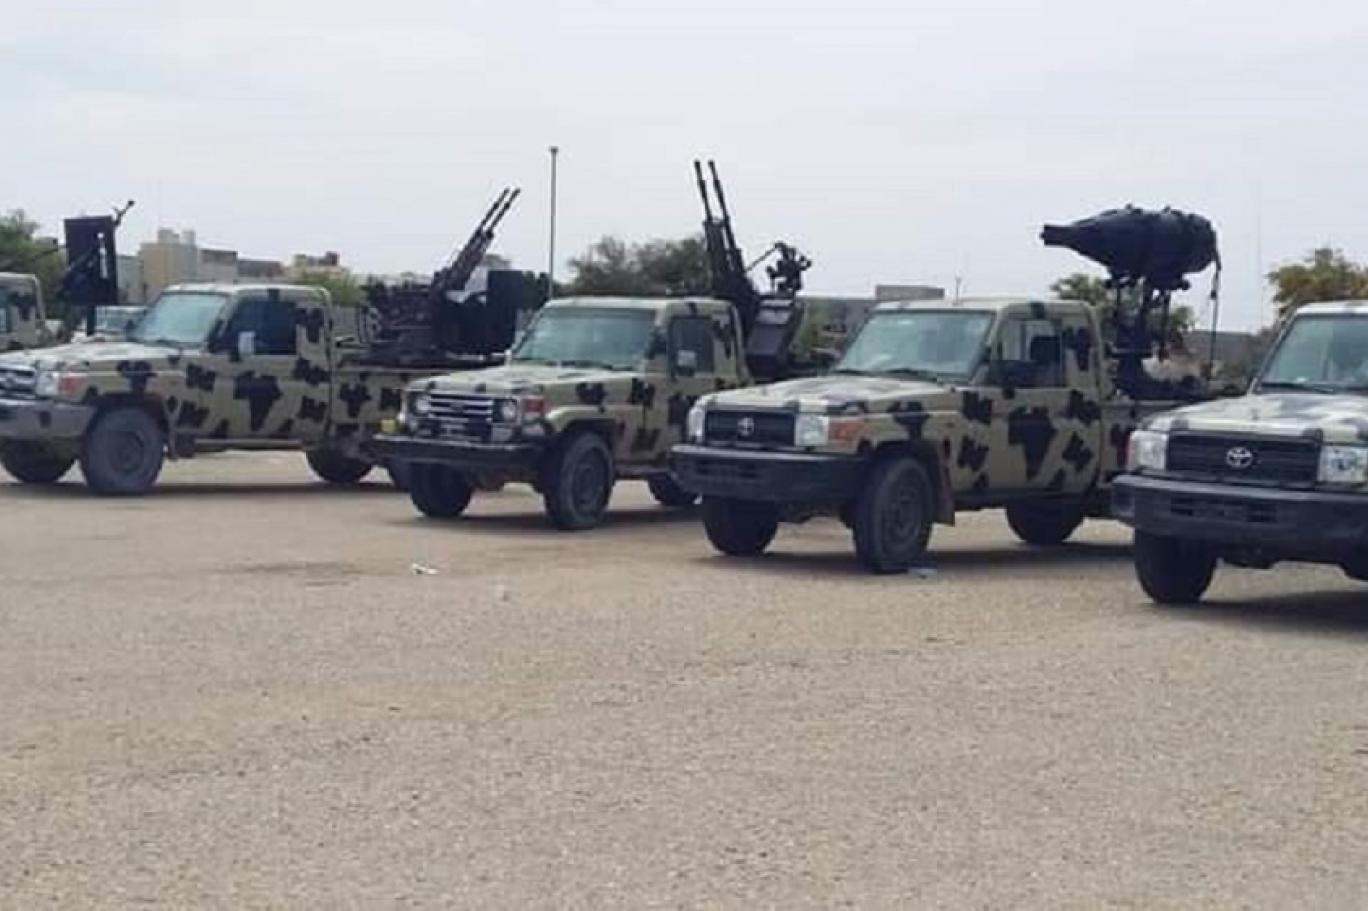 استعدادات الكتيبة 107 داخل ثكنتها في صرمان.jpg